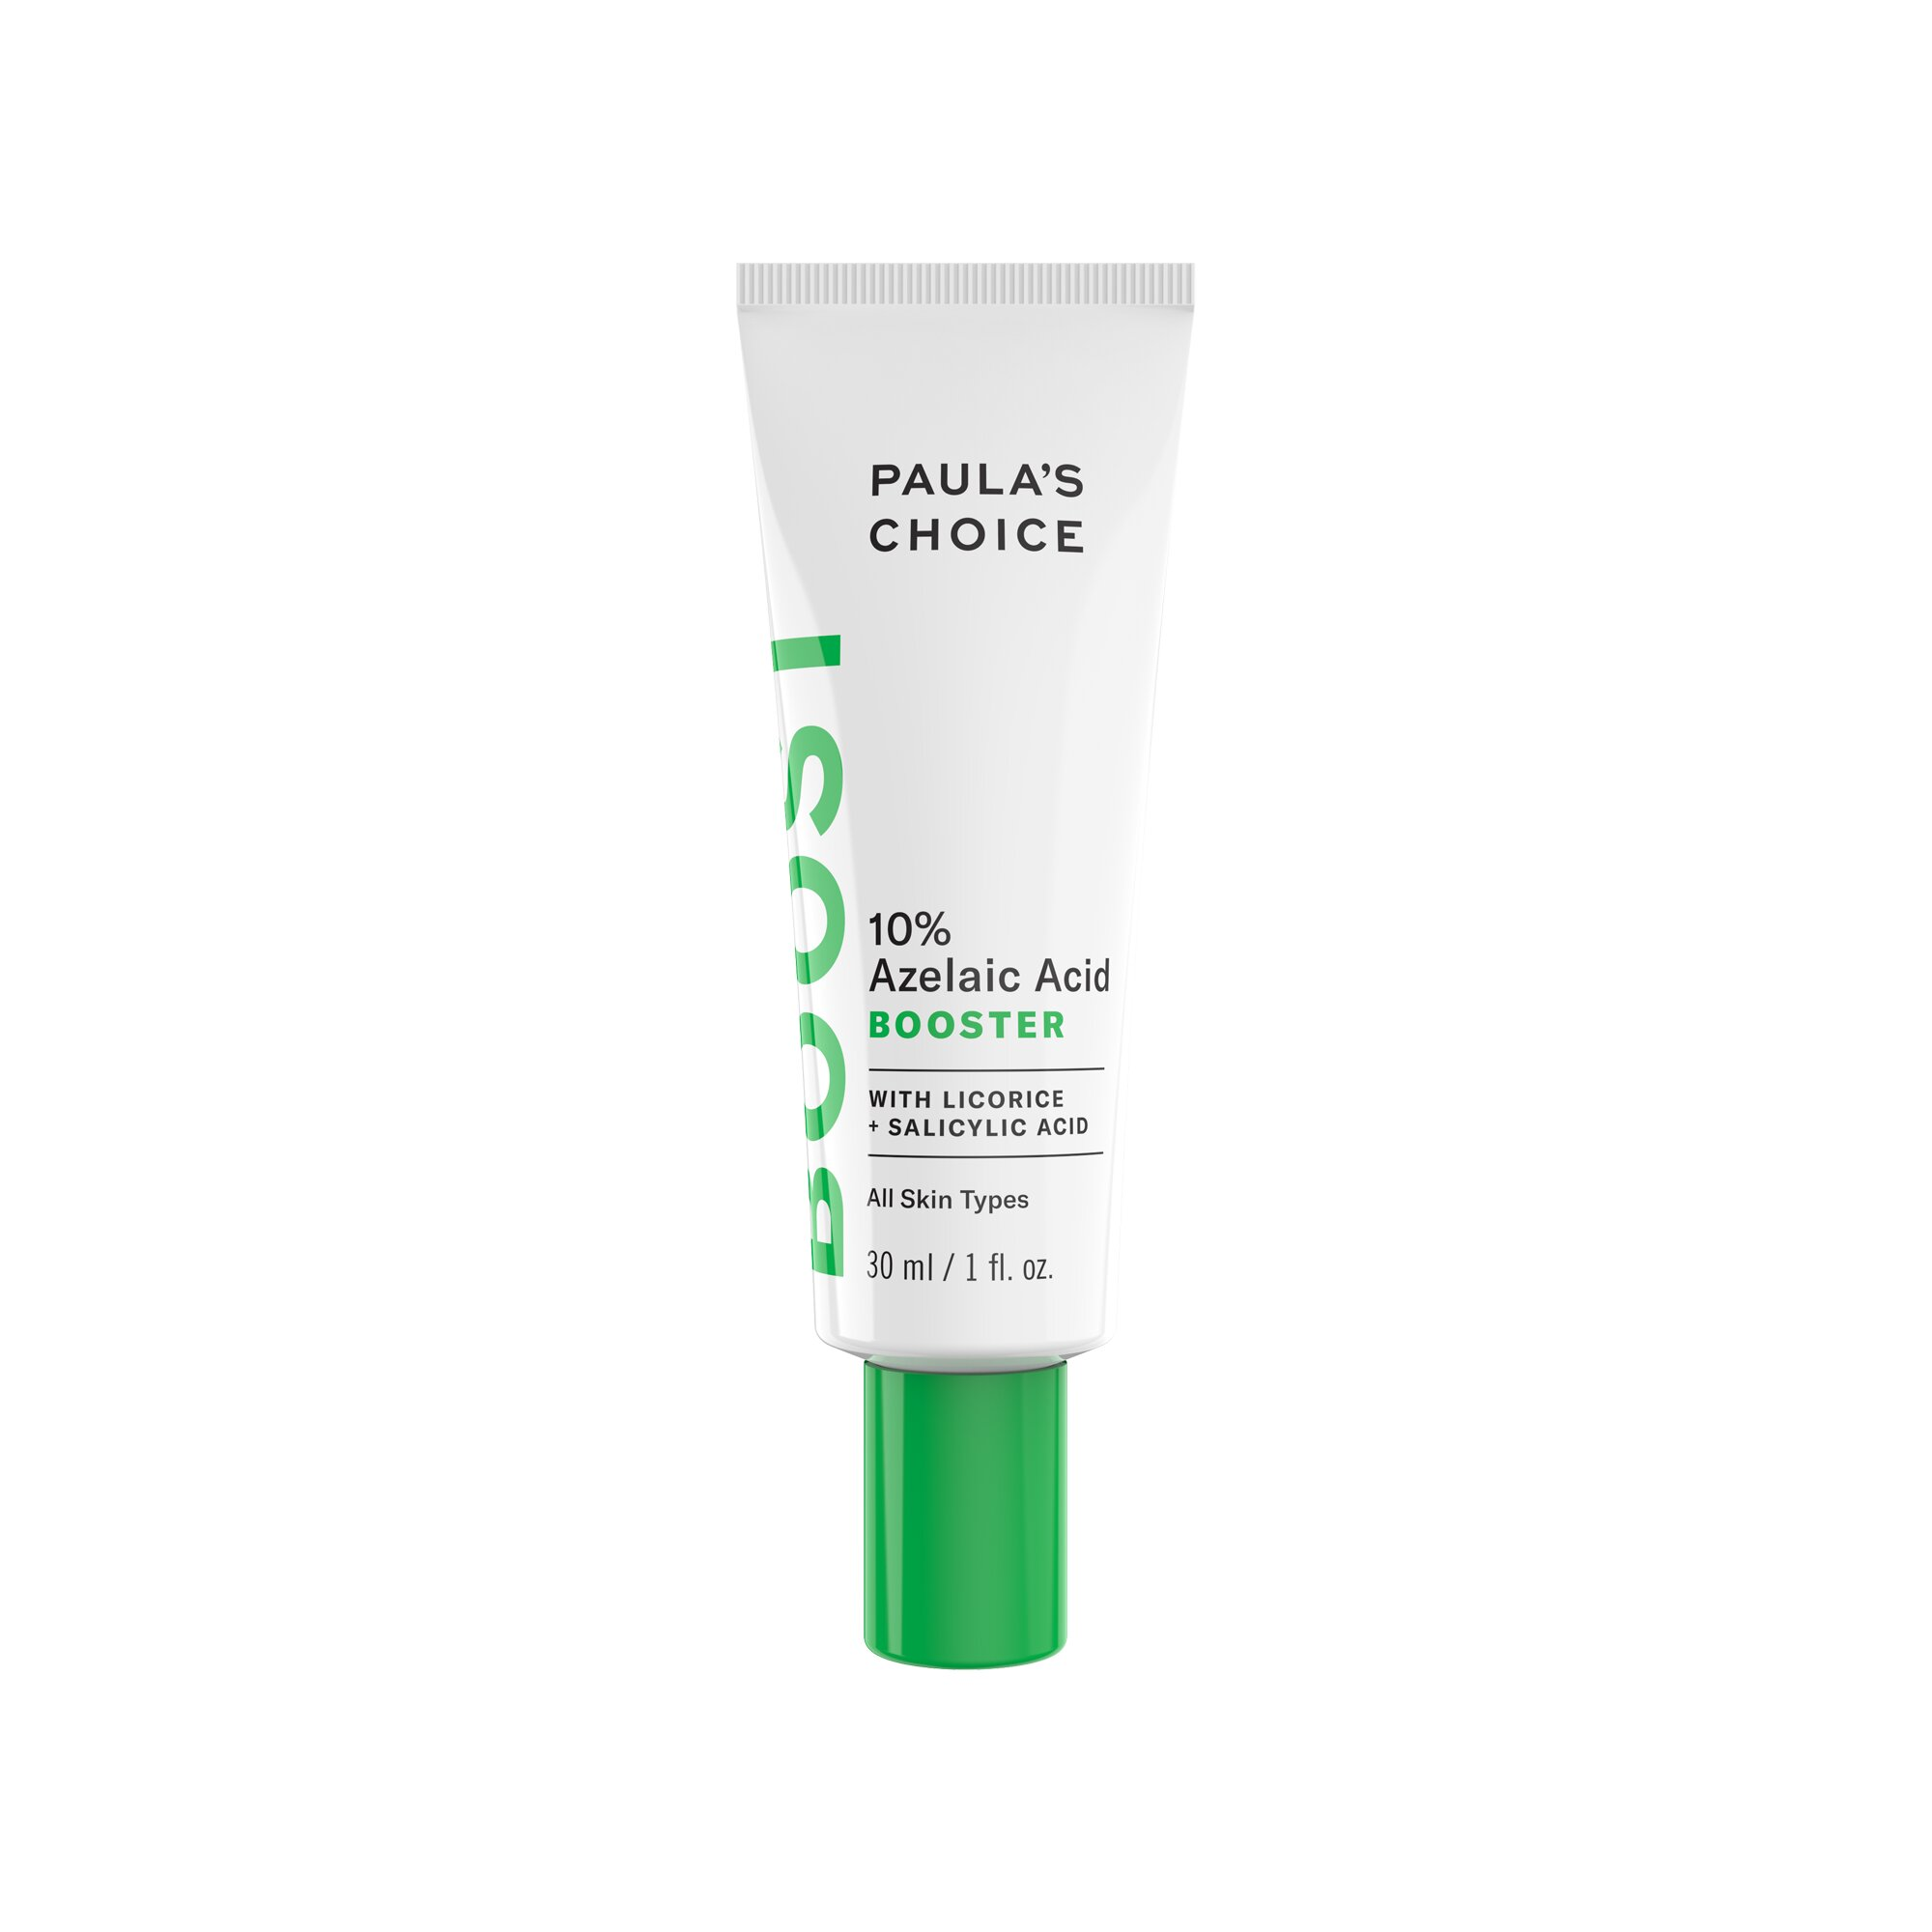 Gel giảm mụn và làm mờ vết thâm Paula's Choice 10% Azelaic Acid Booster (30ml)